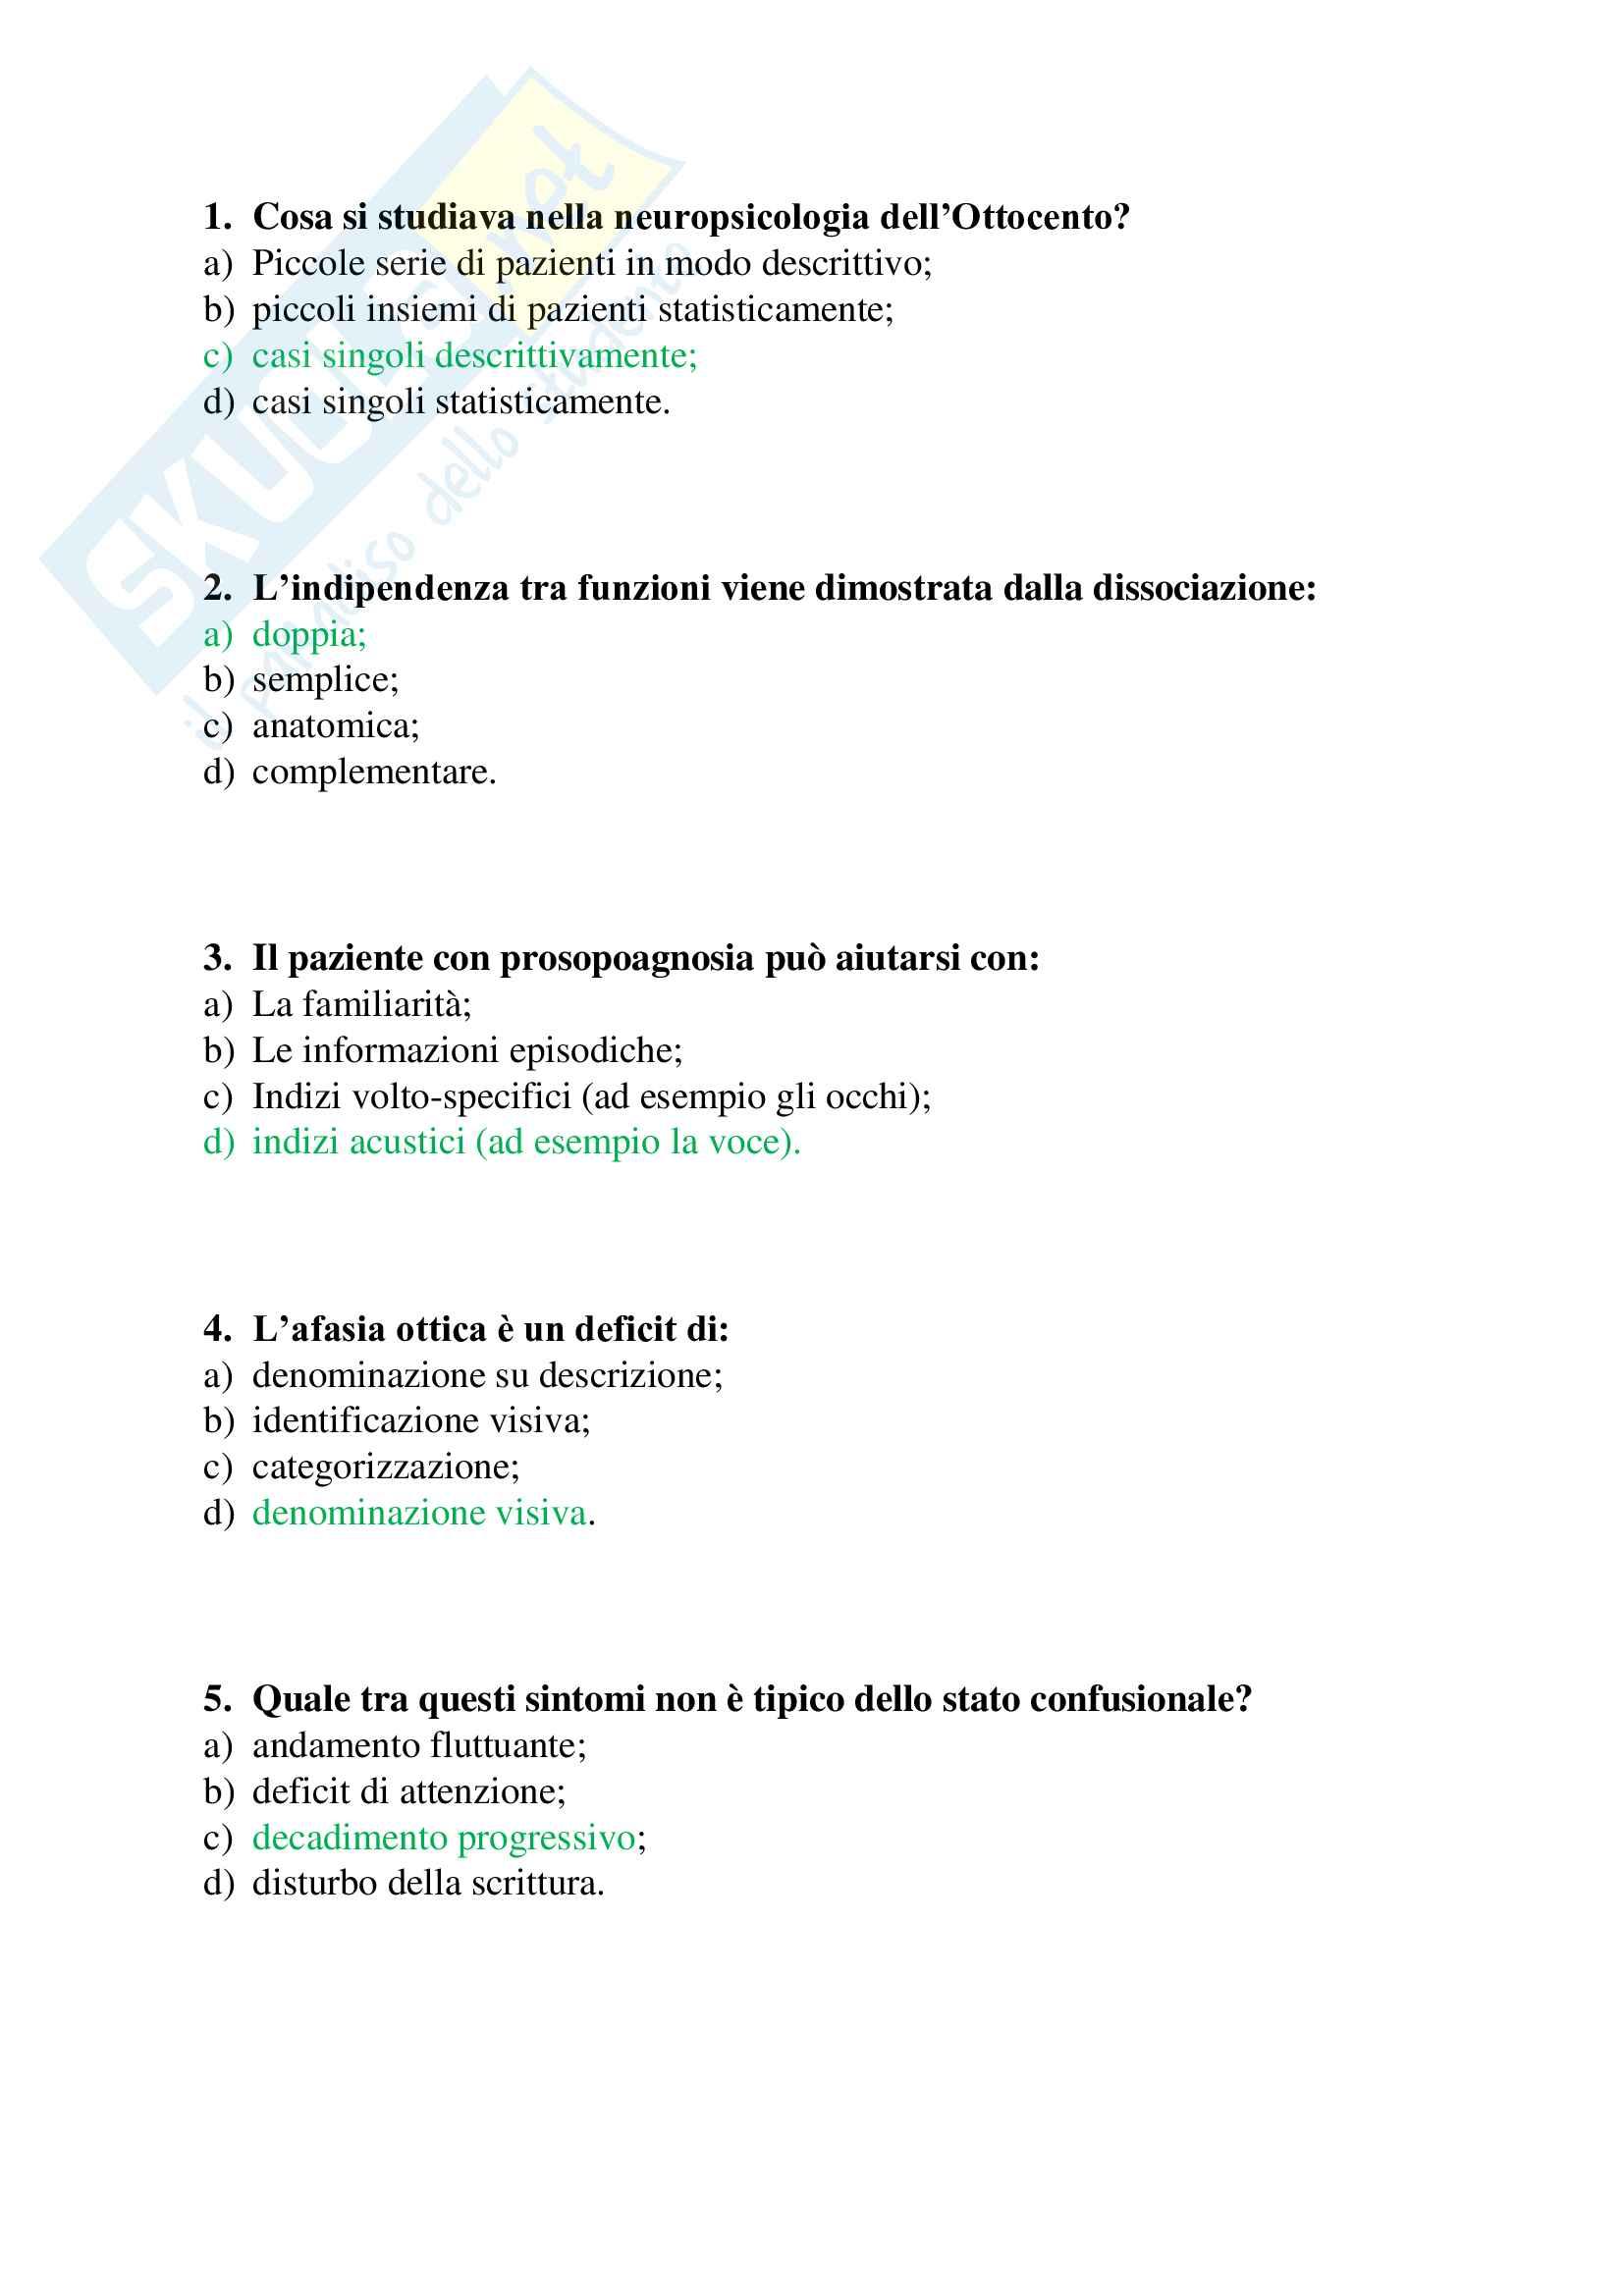 60 crocette per l'esame di Neuropsicologia dell'adulto e dell'anziano (Papagno, Vallar), ex Neuropsicologia - parte 1 (domande 1-60) Pag. 1